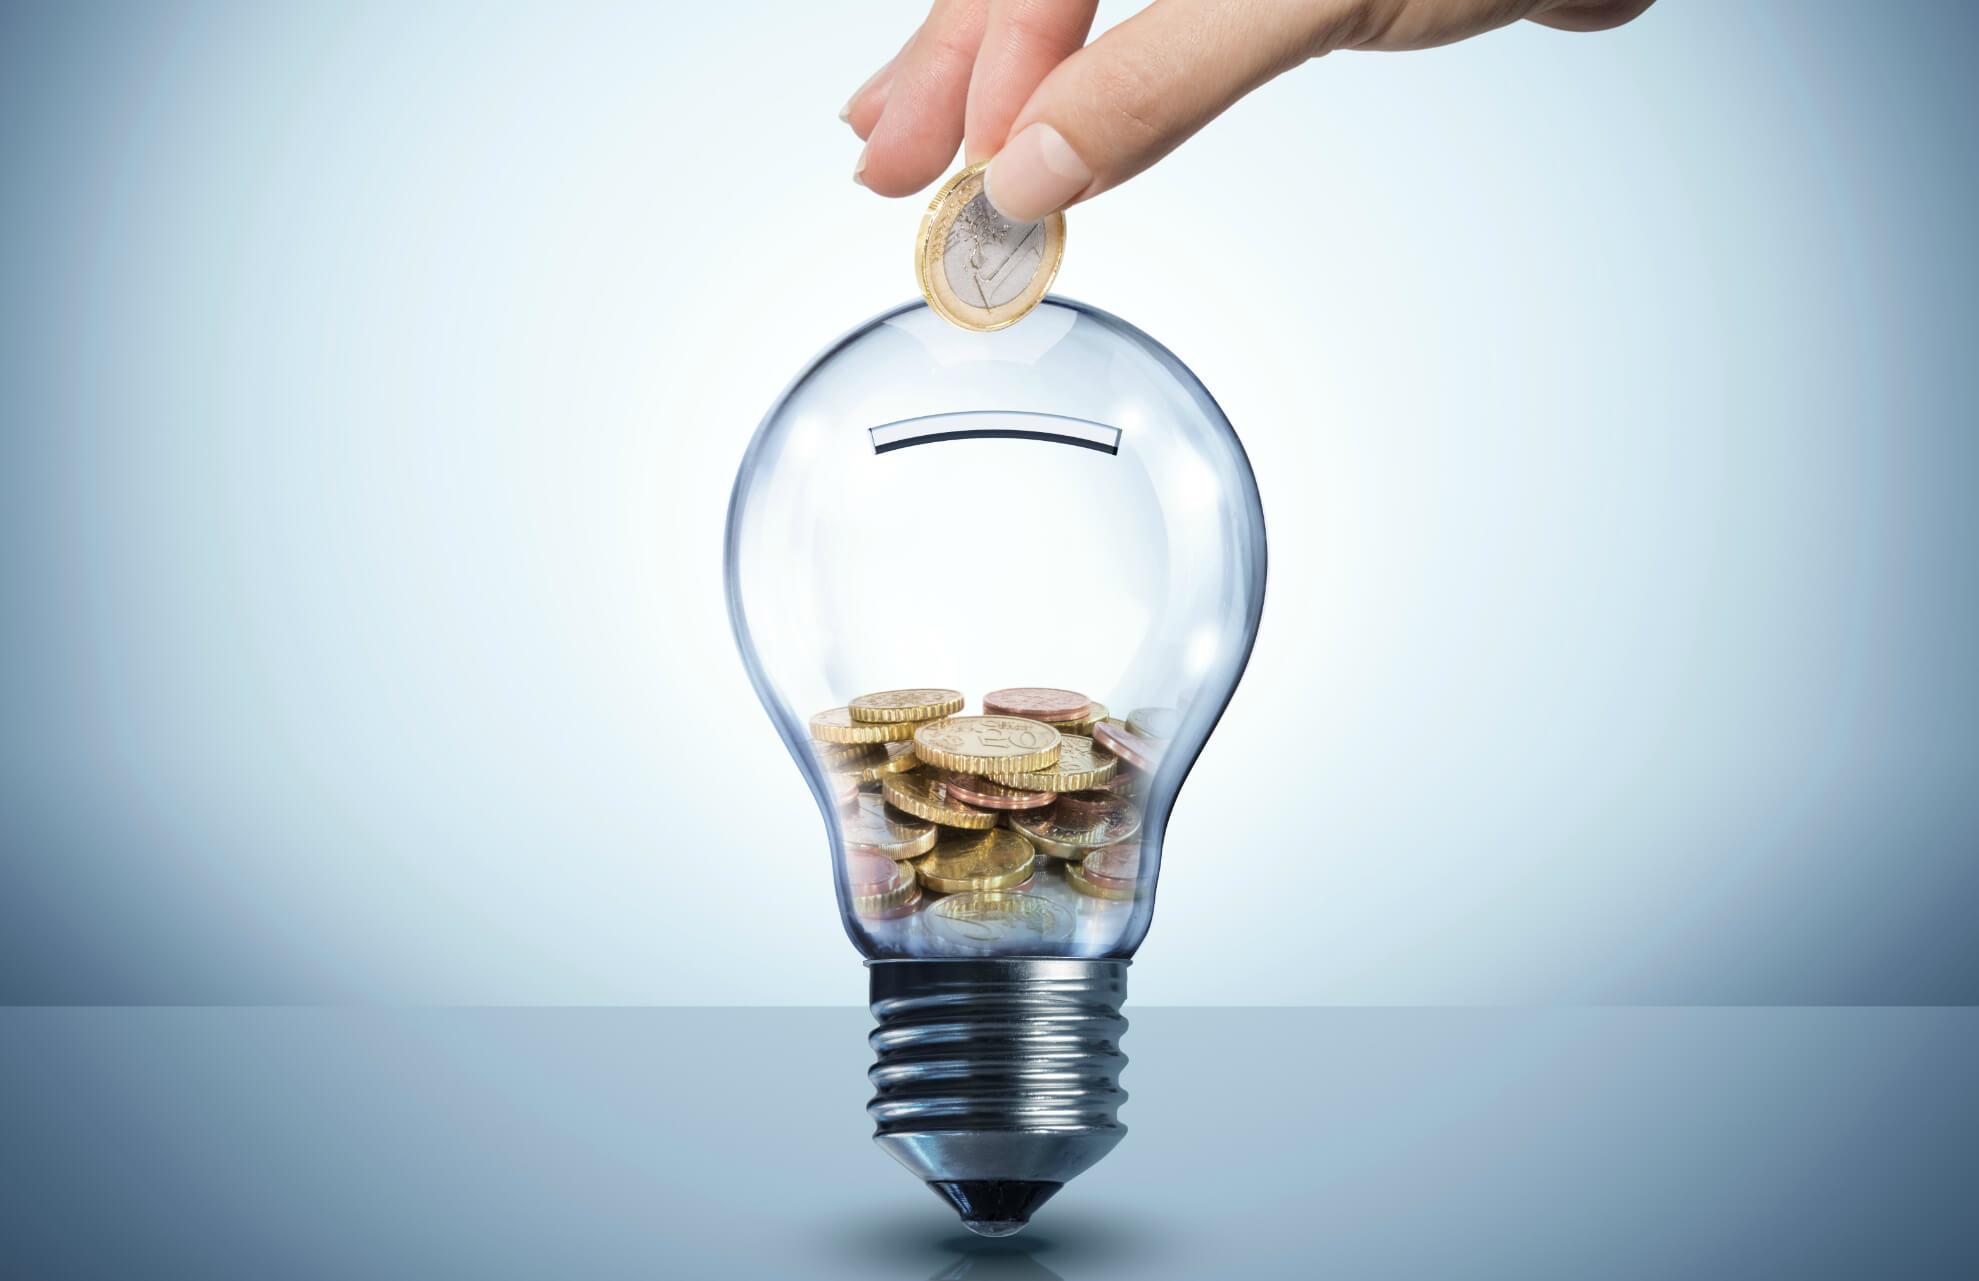 Как экономить электроэнергию? Способы экономии электроэнергии в быту